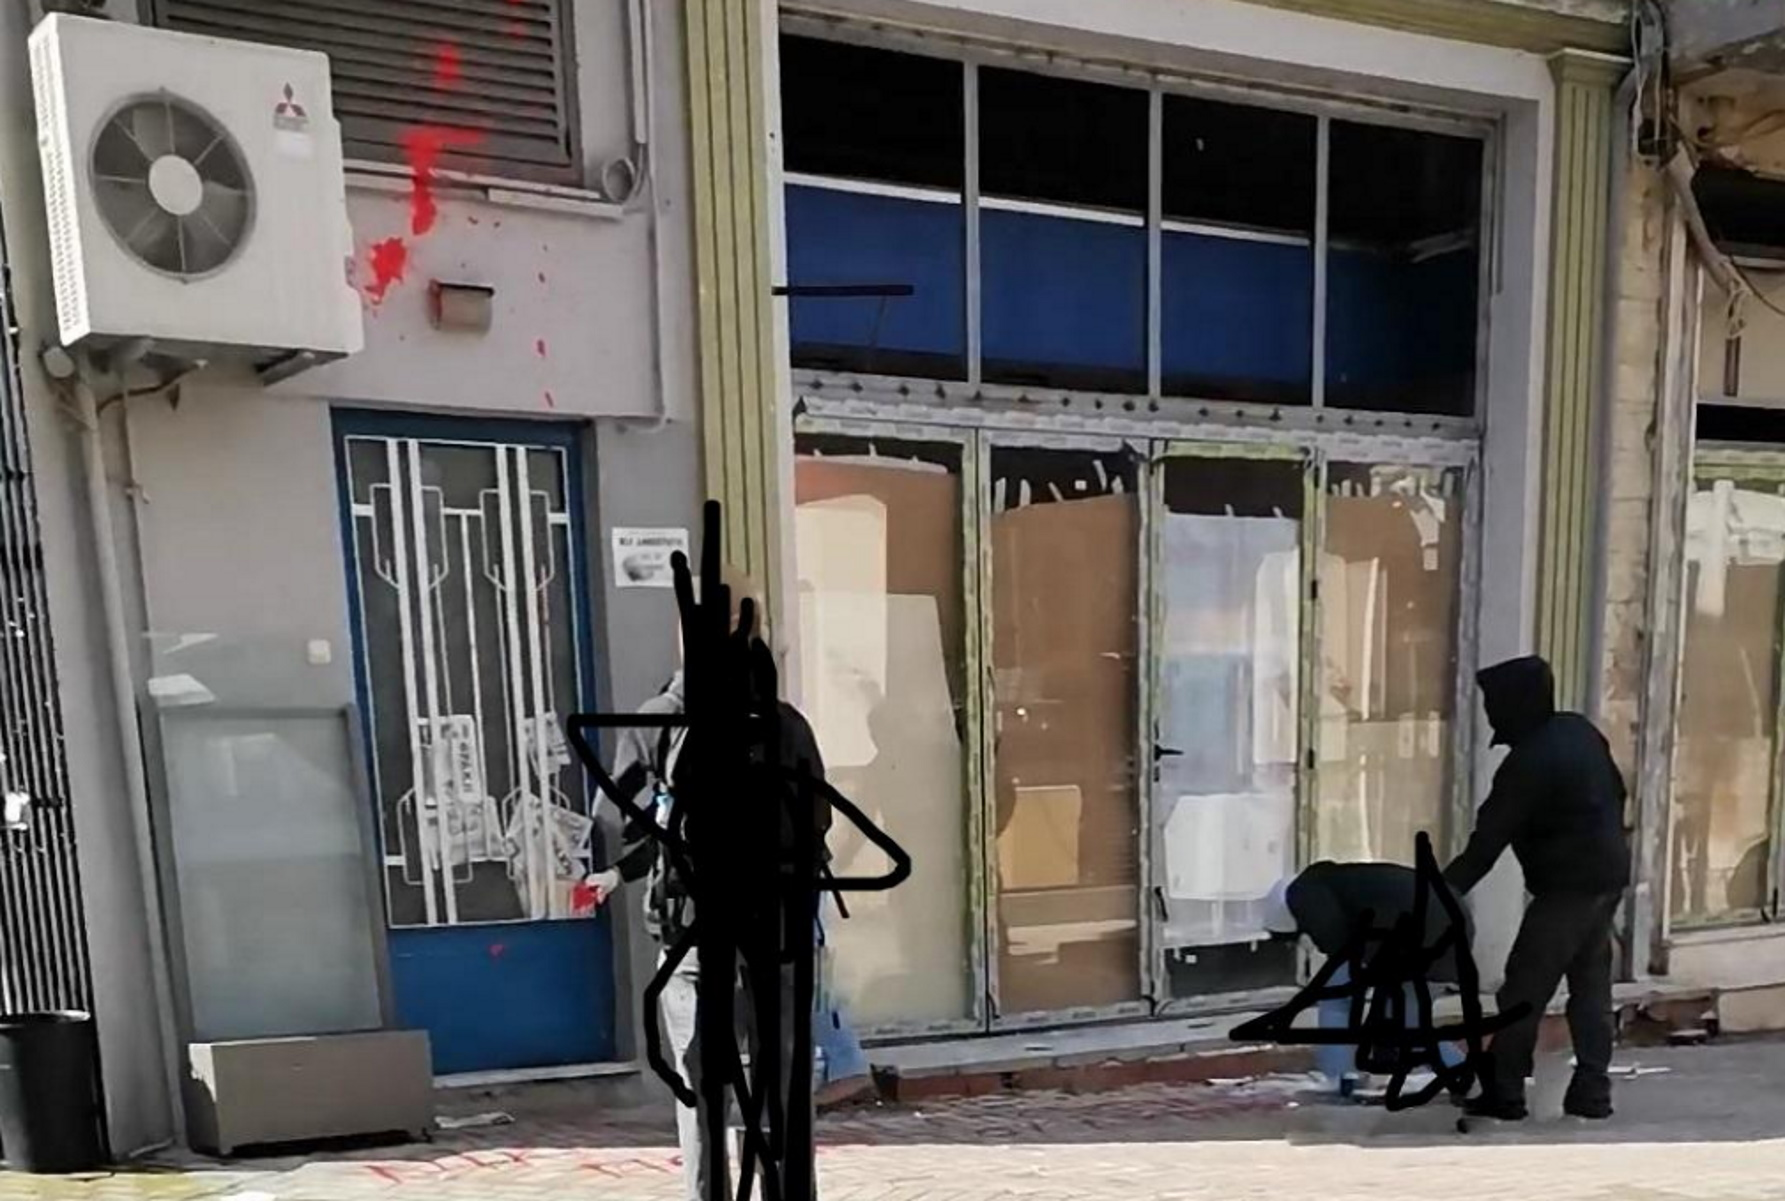 Ξάνθη: Πέταξαν μπογιές στα γραφεία της ΝΔ για τον Κουφοντίνα (pics)